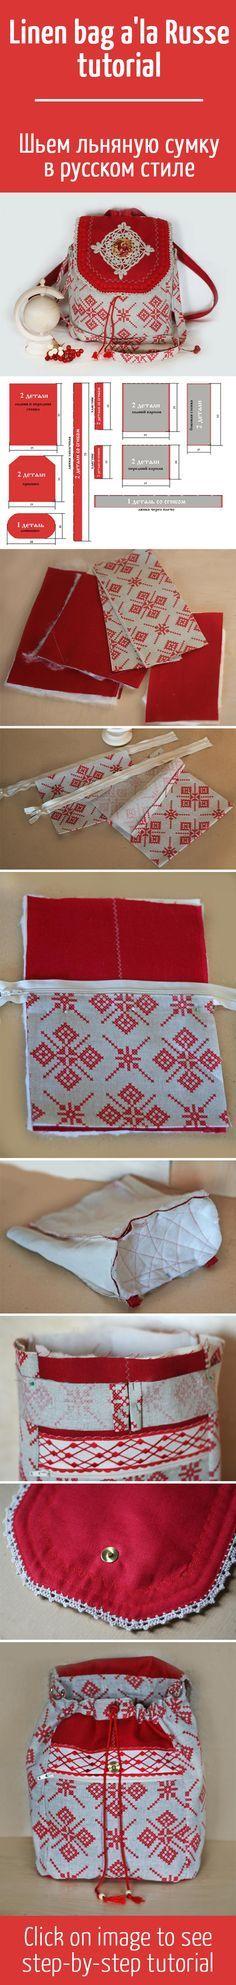 Шьем льняную сумку в русском стиле / How to sew linen bag a'la Russe tutorial